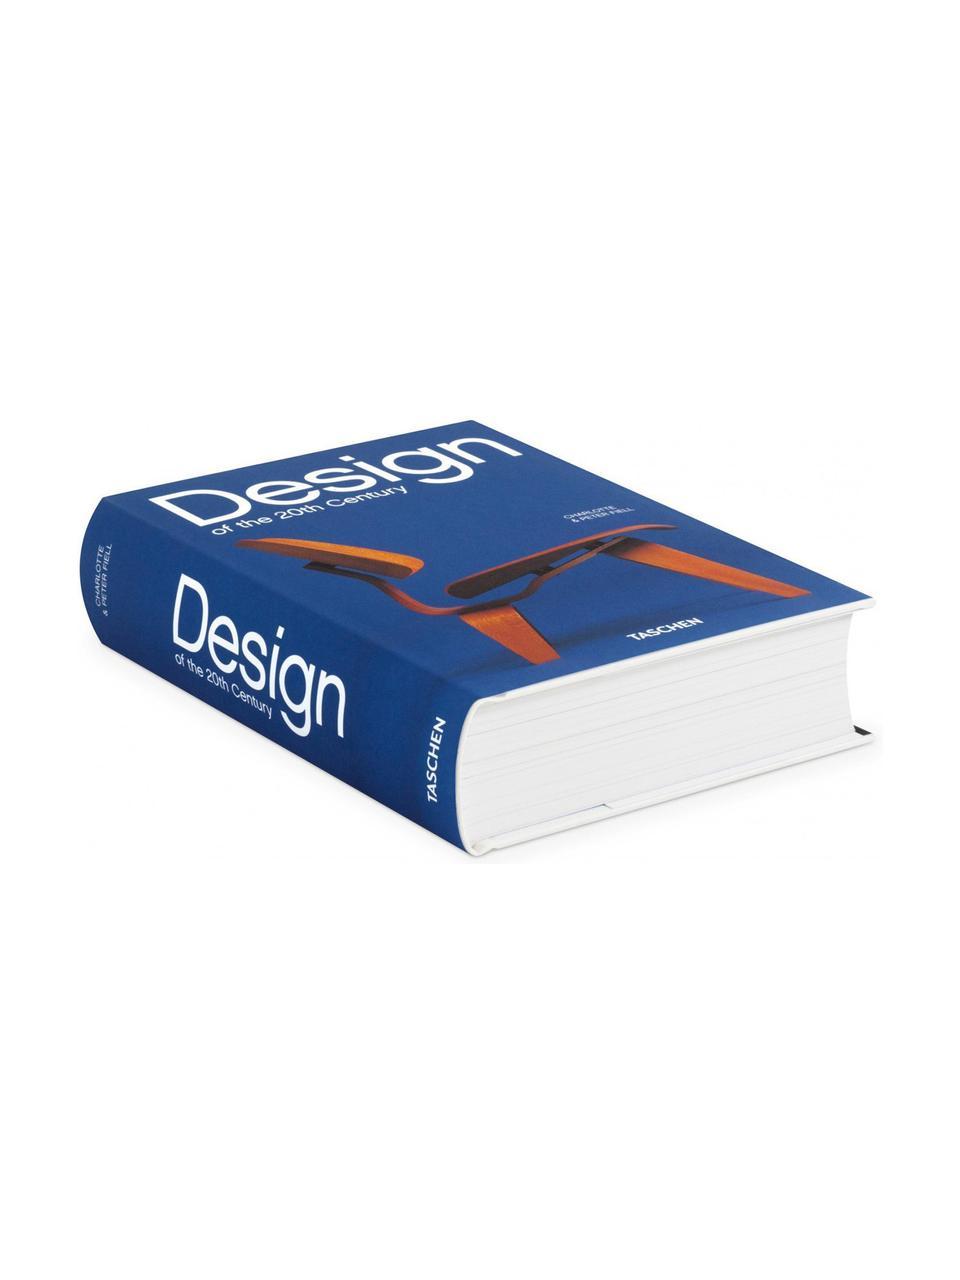 Buch Design des 20. Jahrhunderts, Papier, Hardcover, Blau, Weiß, Braun, 15 x 20 cm